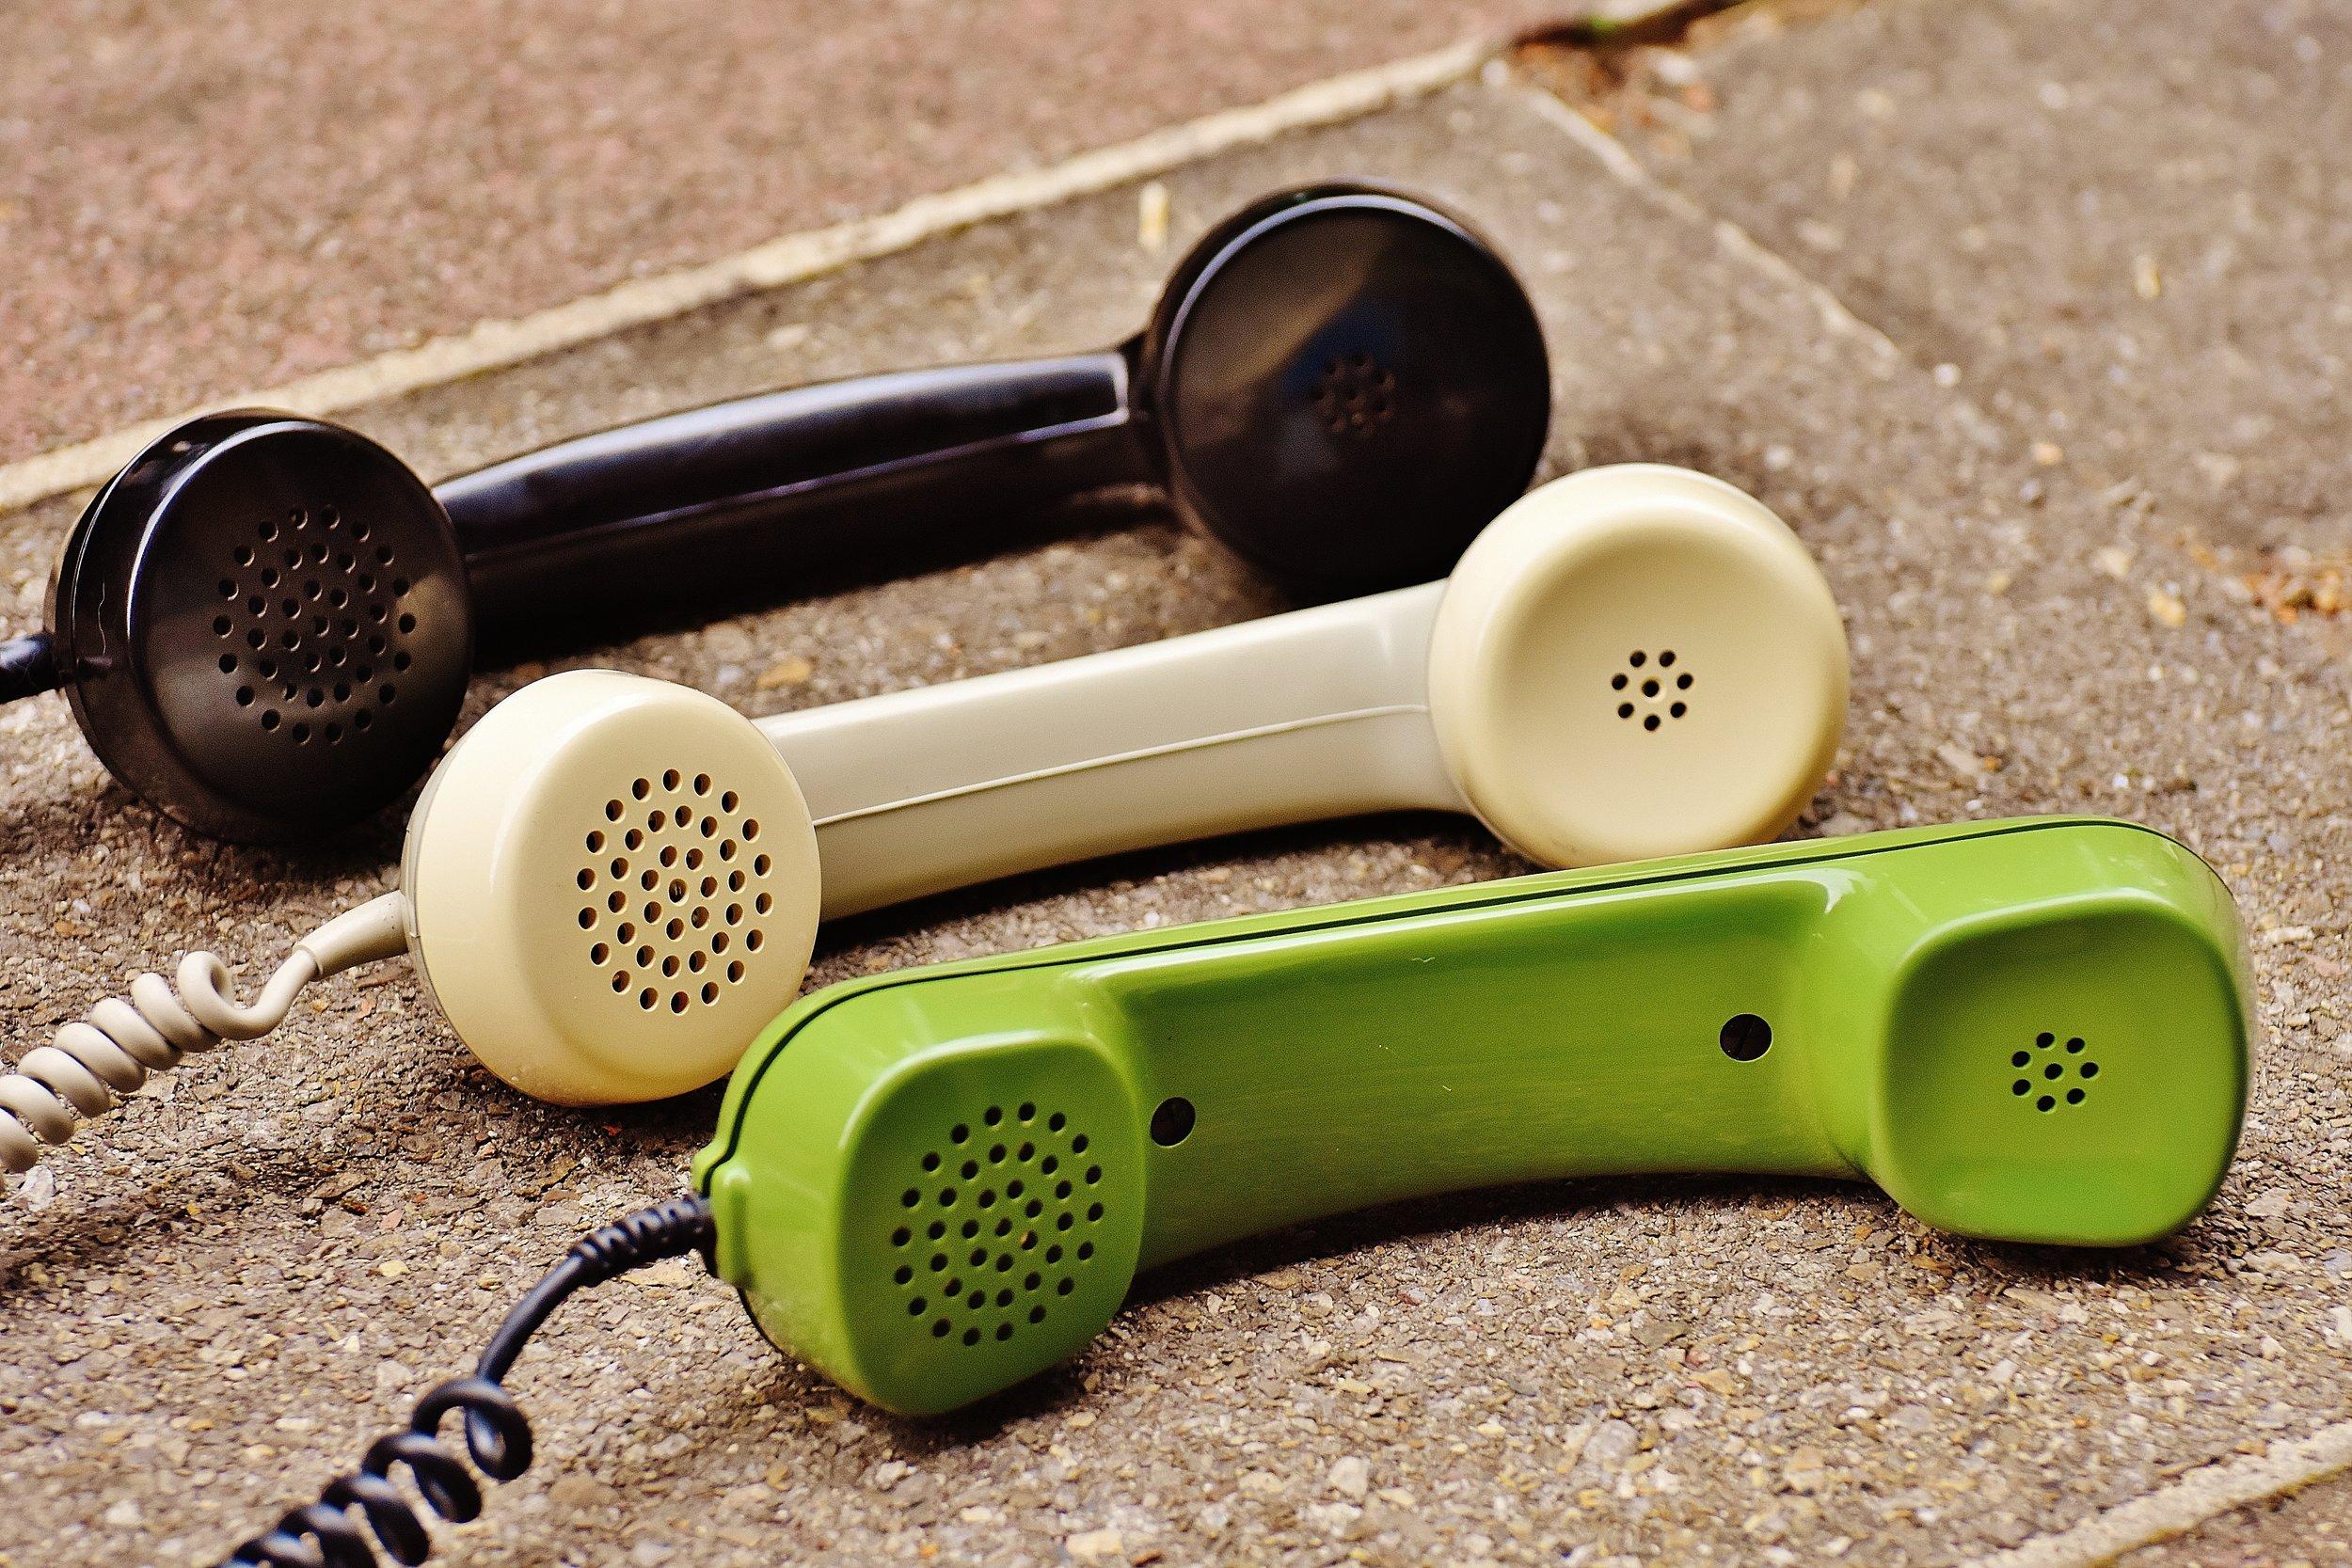 Phoneコンサルテーション    完全予約制    ($50/30分)   ゆっくりお話したいけど、なかなかオフィスまで訪ねる時間が取れない方、また遠方に住んでいる方にお勧めします。お電話だけでなく、Videoチャットにも対応しており、当センターで一番人気のプランです。